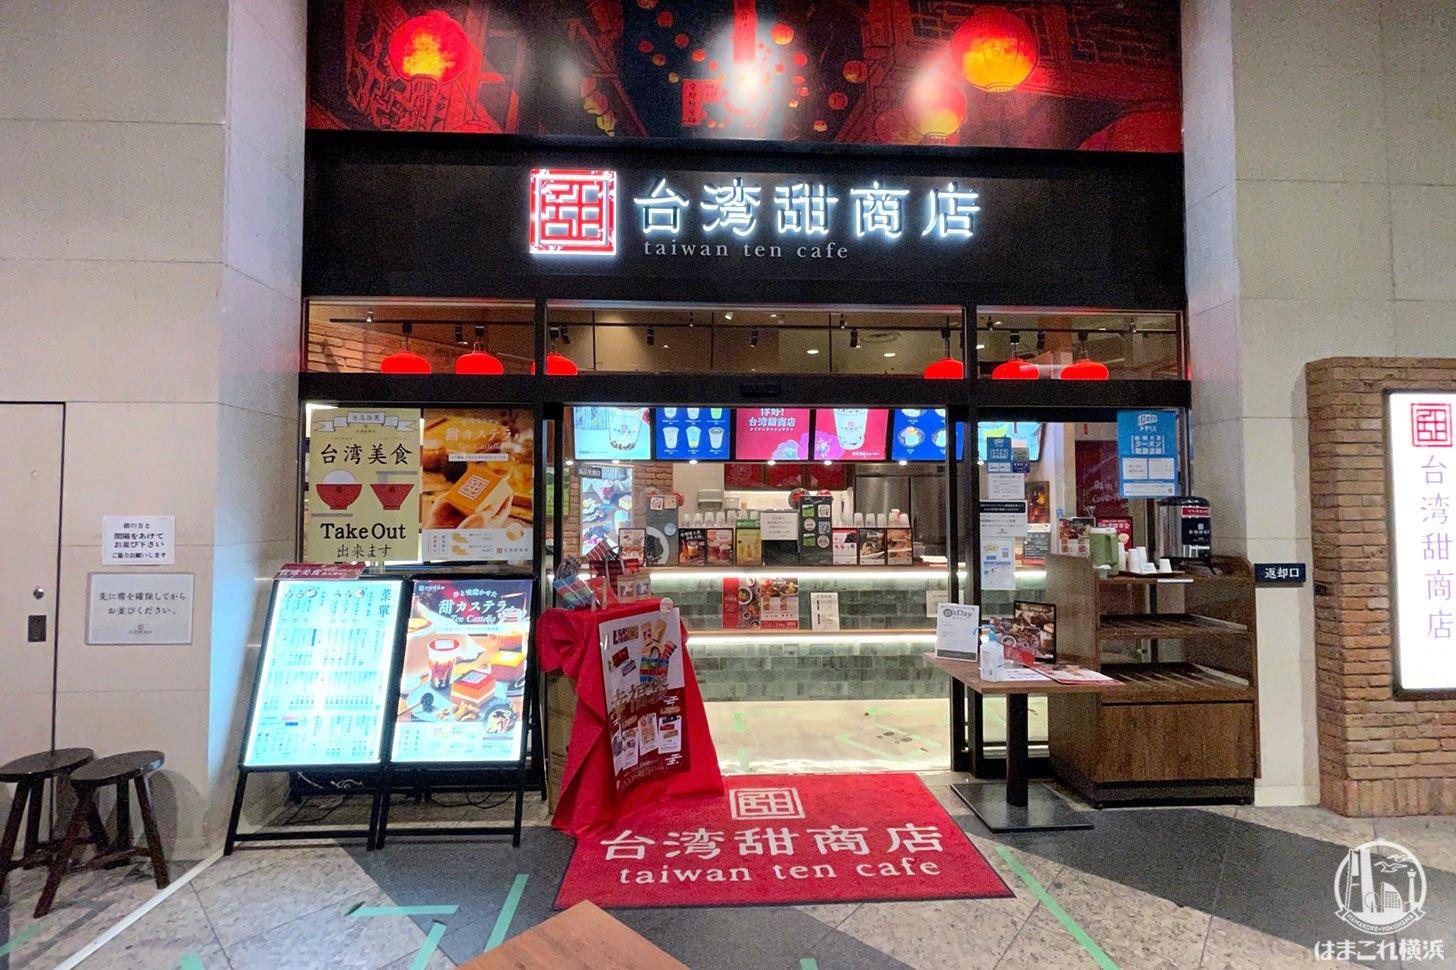 台湾甜商店 横浜みなとみらい店 外観